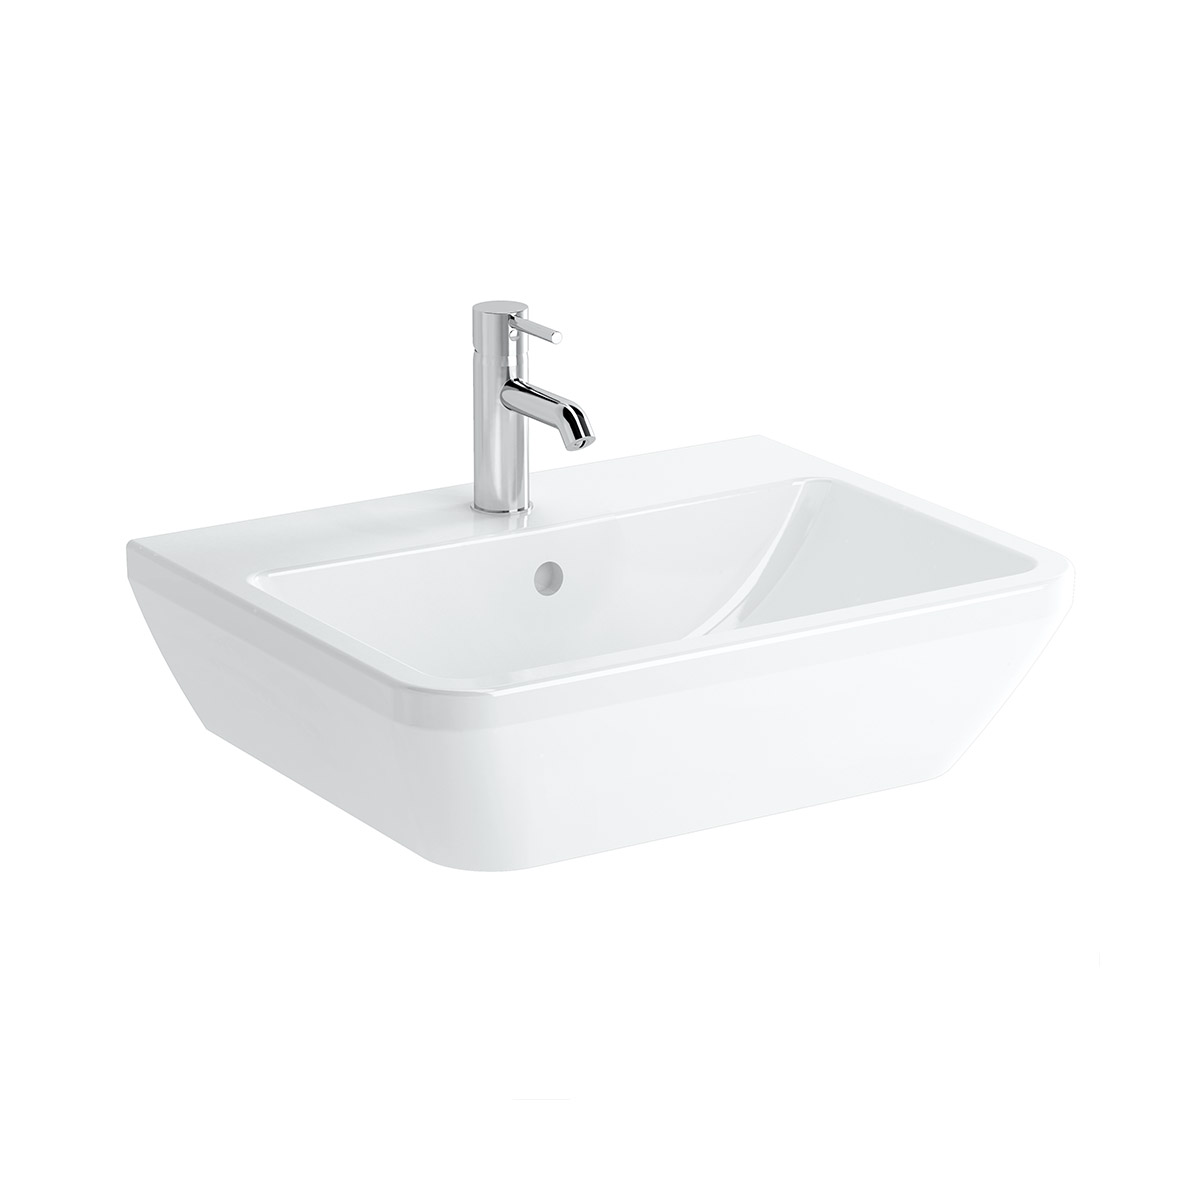 Integra Waschtisch, 60 cm, eckig, mit Hahnloch, ohne Überlaufloch, Weiß, VitrA Clean